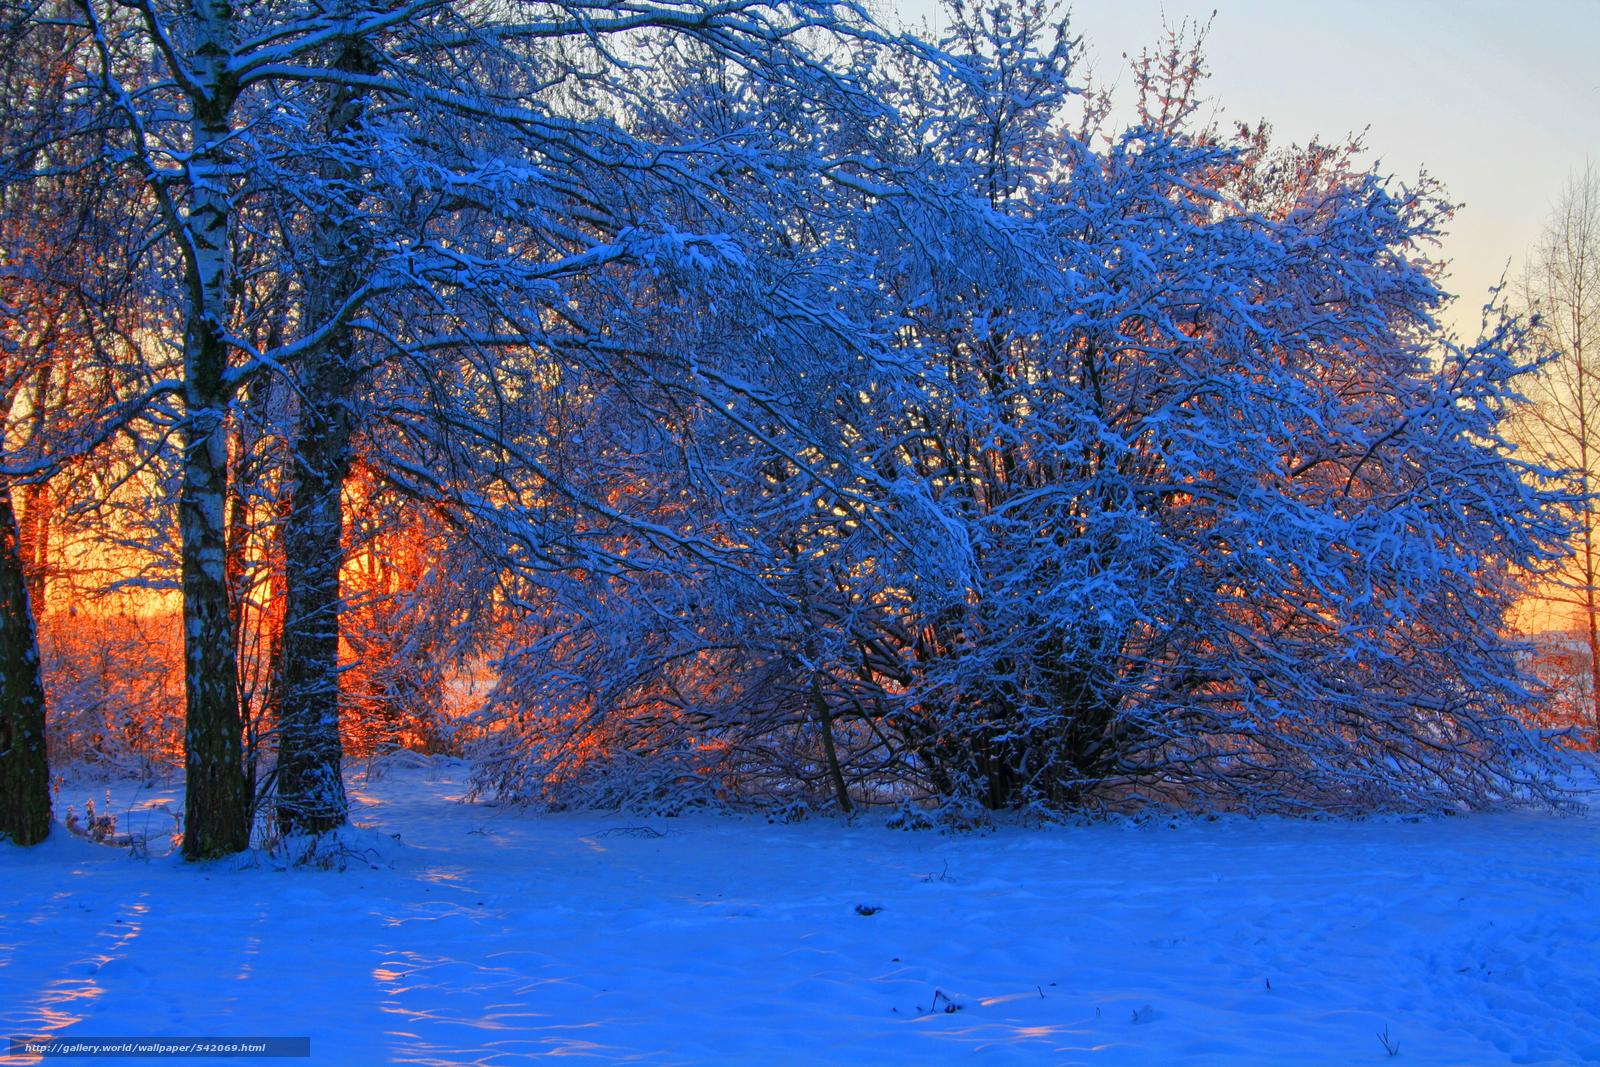 Scaricare gli sfondi inverno alberi tramonto sfondi for Sfondi gratis desktop inverno